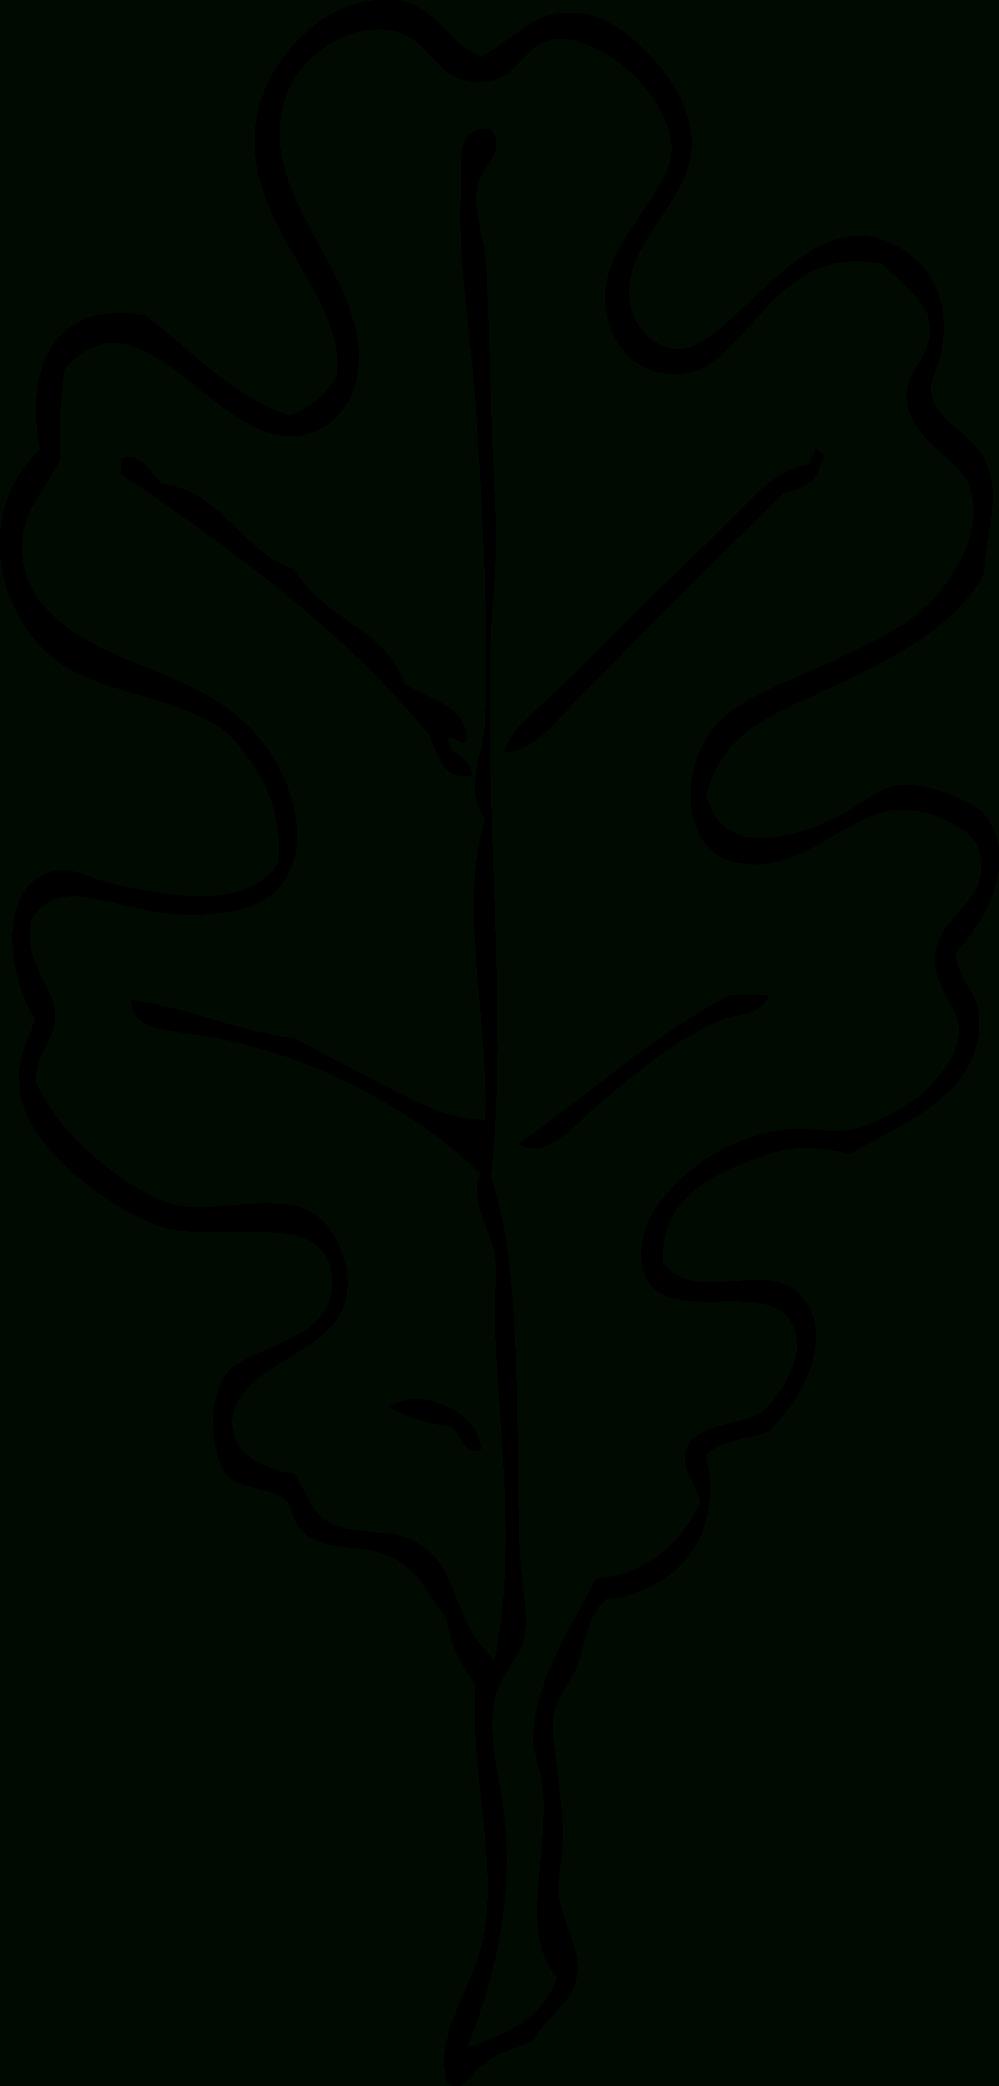 White Oak Leaf Outline | Carved Stamp Idea | Pinterest | Leaf - Free Printable Oak Leaf Patterns